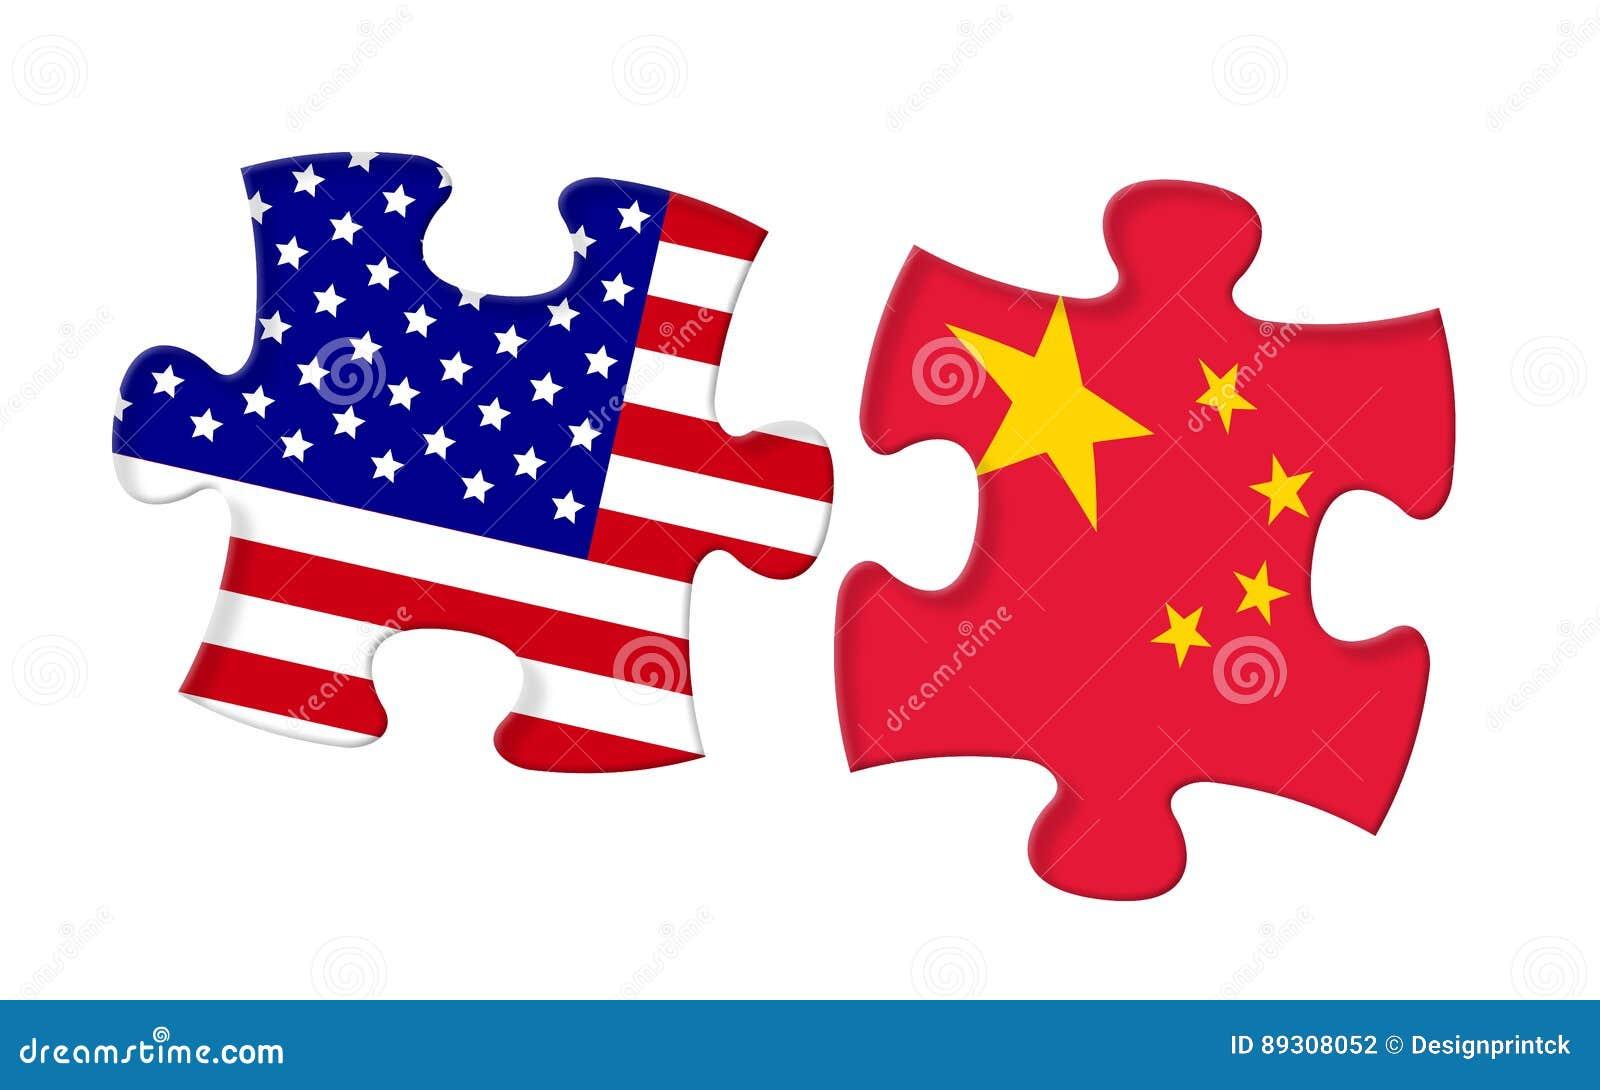 Site de relacionamento estados unidos   Site de